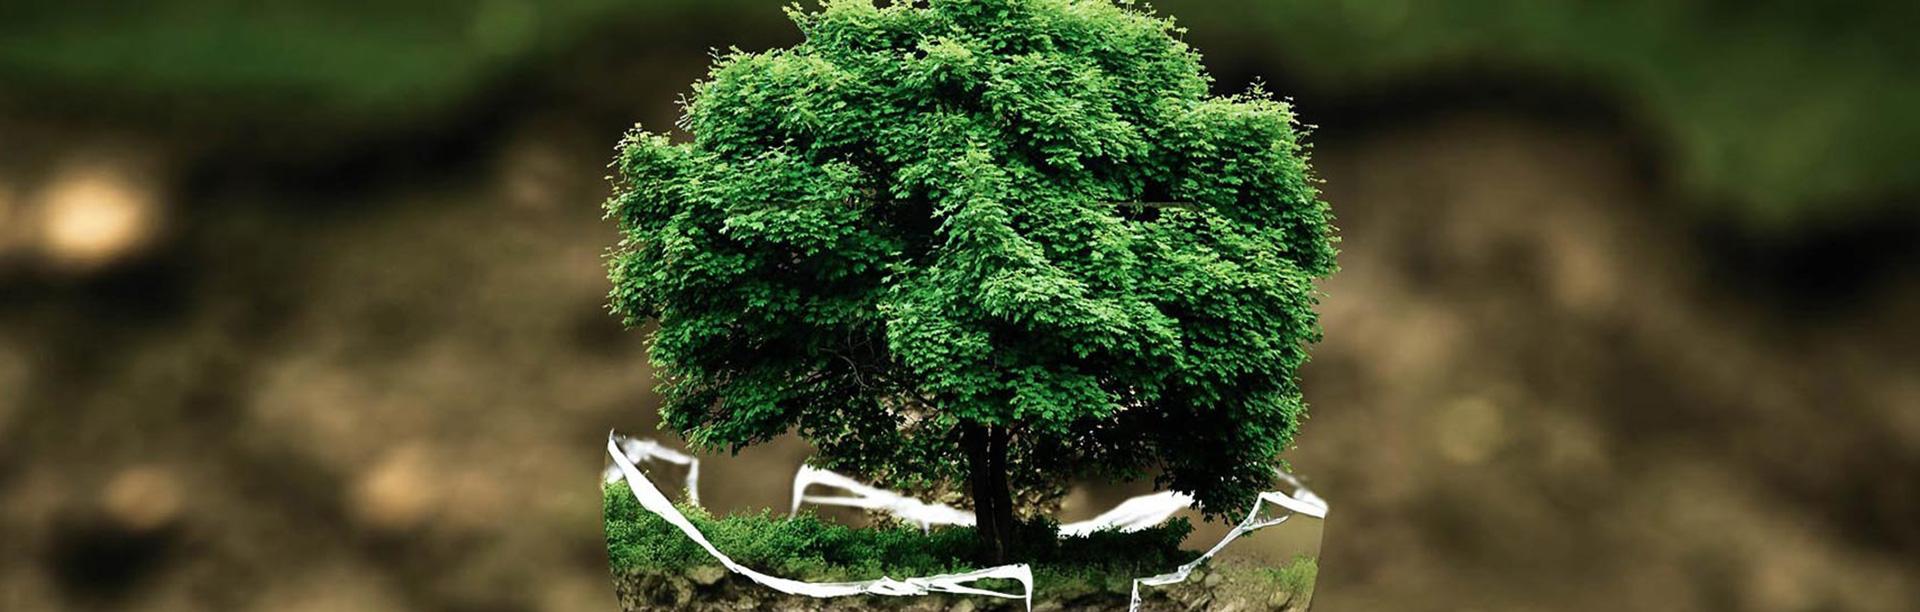 banner baum umweltschutz